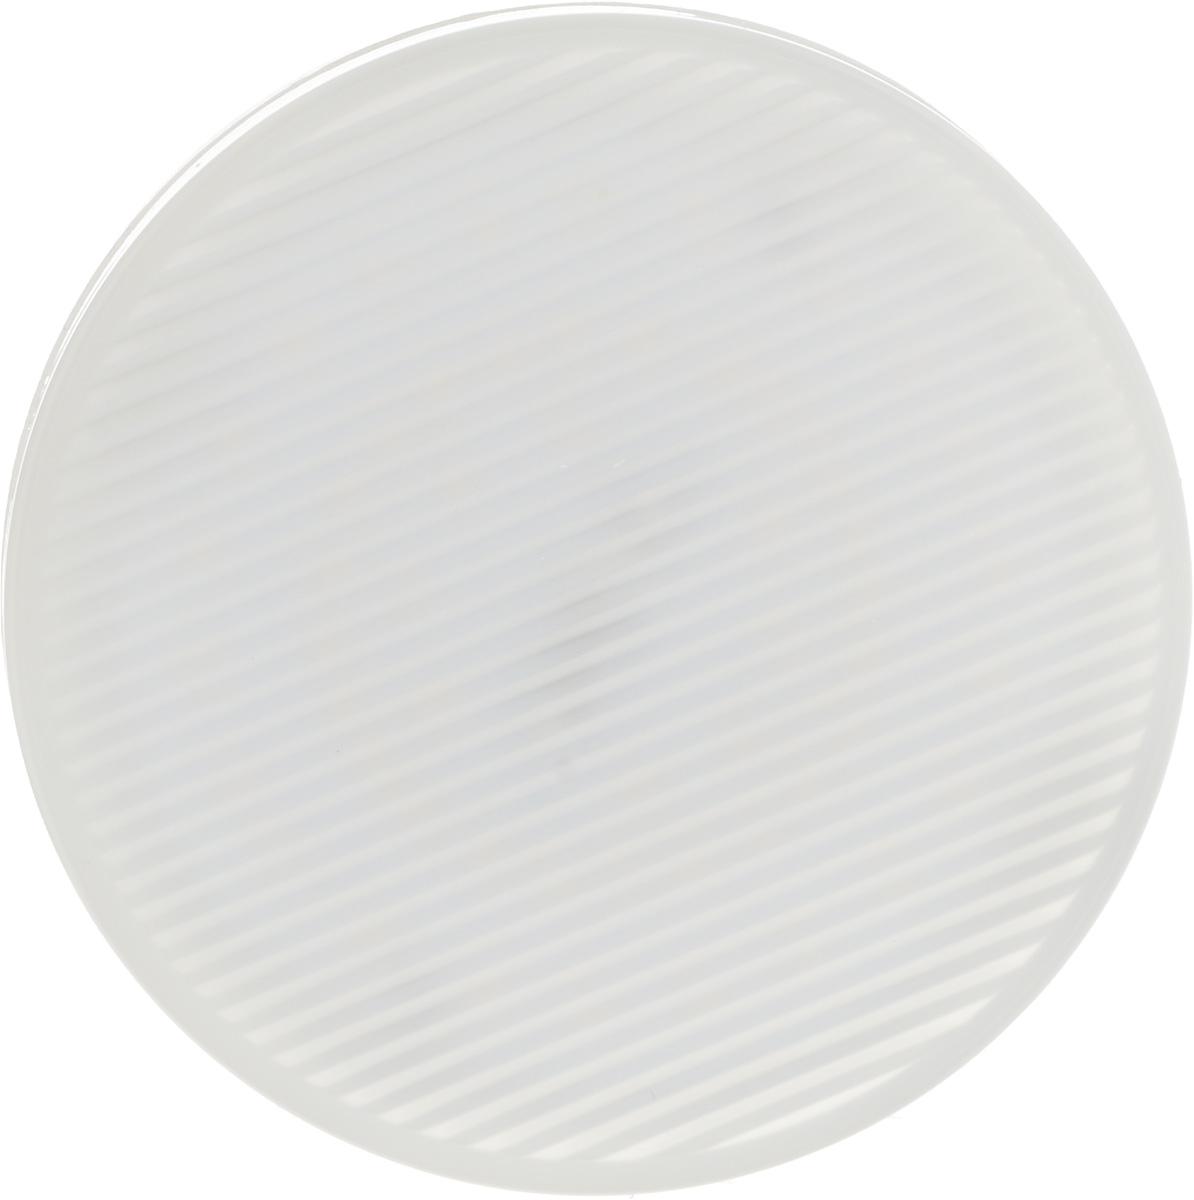 """Современные светодиодные лампы """"Essential LED"""" экономичны, имеют долгий срок службы и мгновенно загораются, заполняя комнату  светом. Лампа классической формы и высокой яркости позволяет создать уютную и приятную обстановку в любой комнате вашего дома. Светодиодные лампы потребляют на 86 % меньше электроэнергии, чем обычные лампы накаливания, излучая при этом привычный и приятный свет. Срок службы светодиодной лампы """"Essential LED"""" составляет до 15 000 часов, что соответствует общему сроку службы  пятнадцати ламп накаливания. Благодаря чему менять лампы приходится значительно реже, что  сокращает количество отходов. Напряжение: 220-240 В.  Световой поток: 560 lm. Эквивалент мощности в ваттах: 40 Вт."""